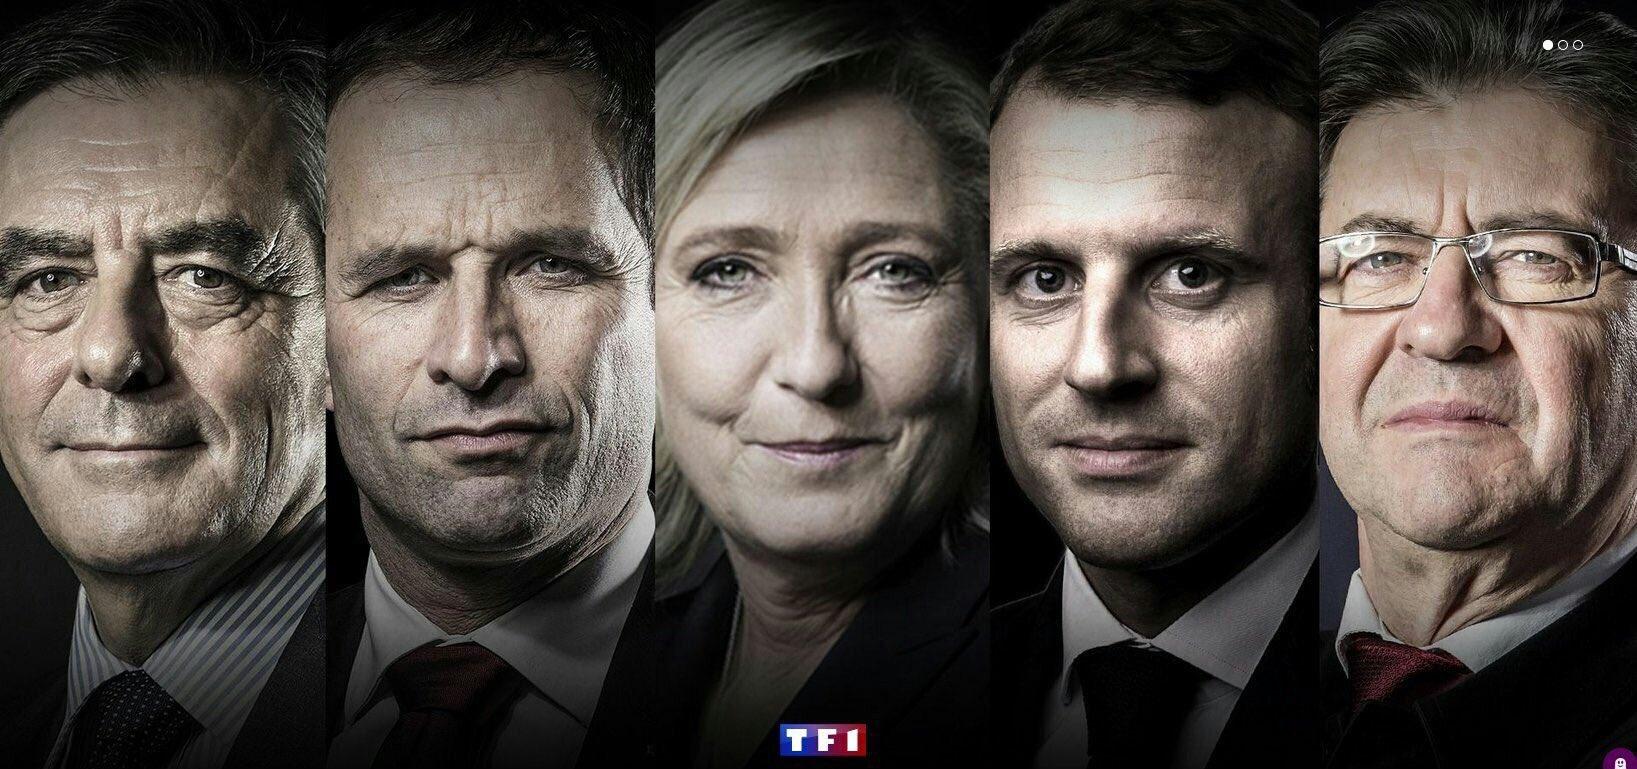 Joyeux hunger games et puisse le sort vous être favorable #LeGrandDebat #DebatTF1 https://t.co/nu1cTwib2s